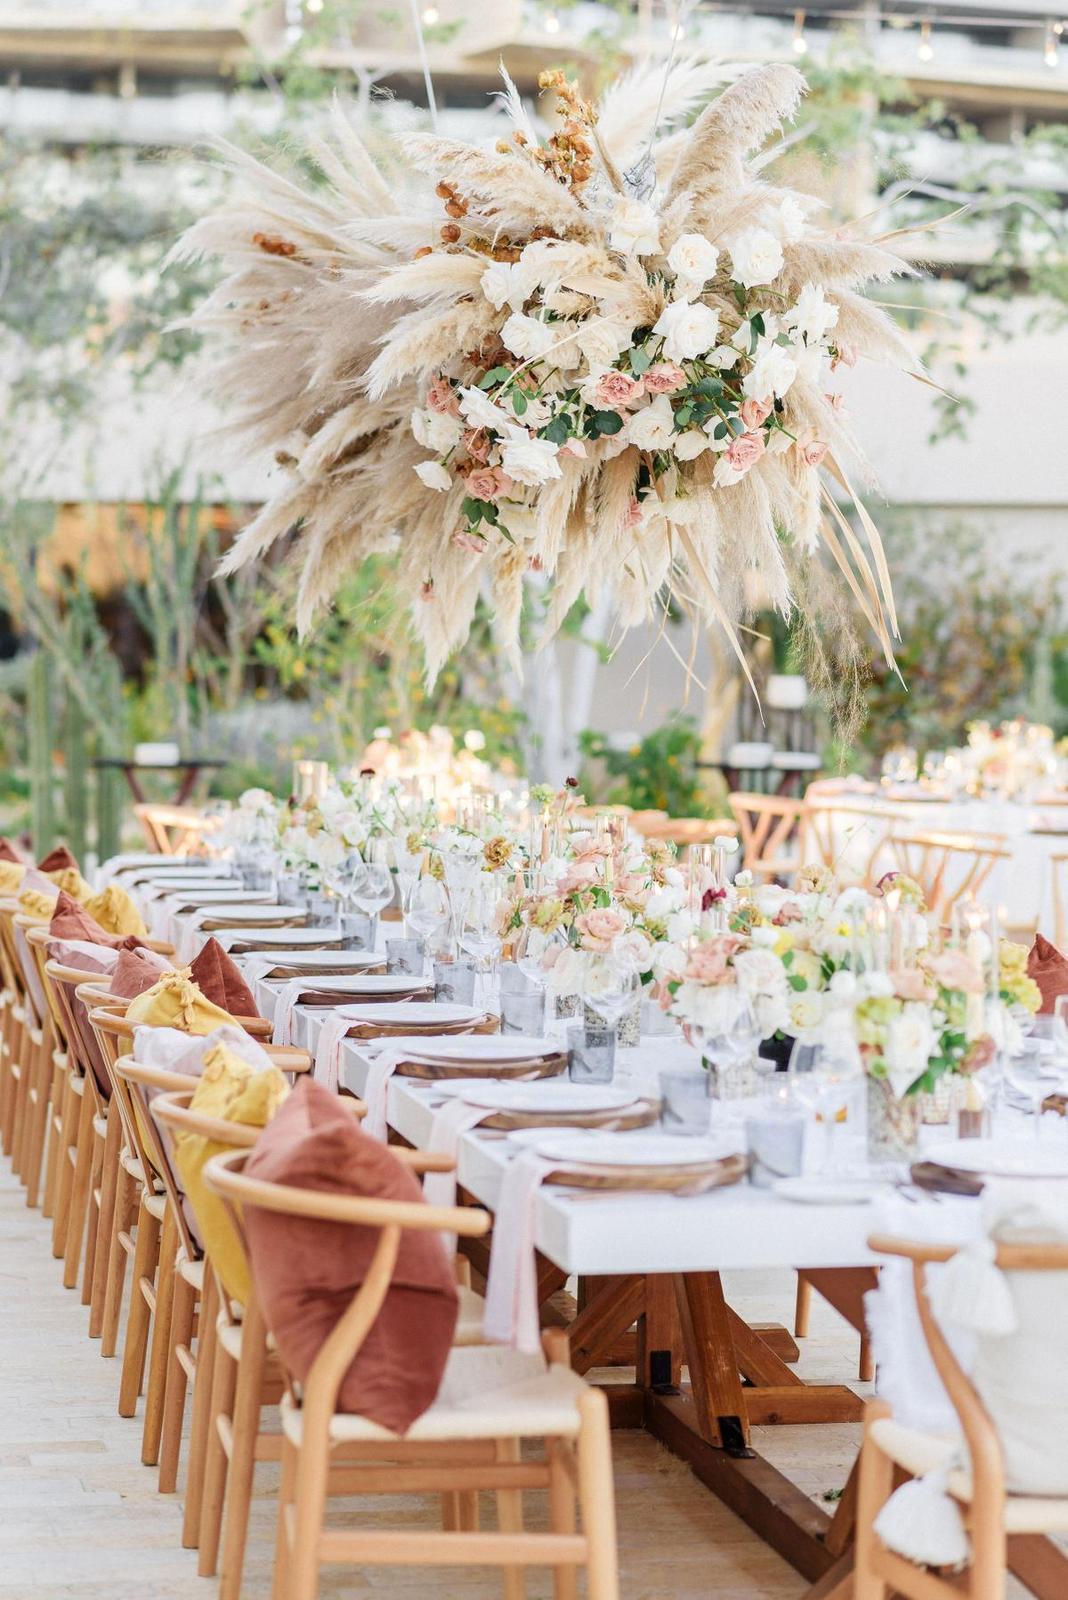 Inšpirácie na svadobné stolovovanie - Obrázok č. 41